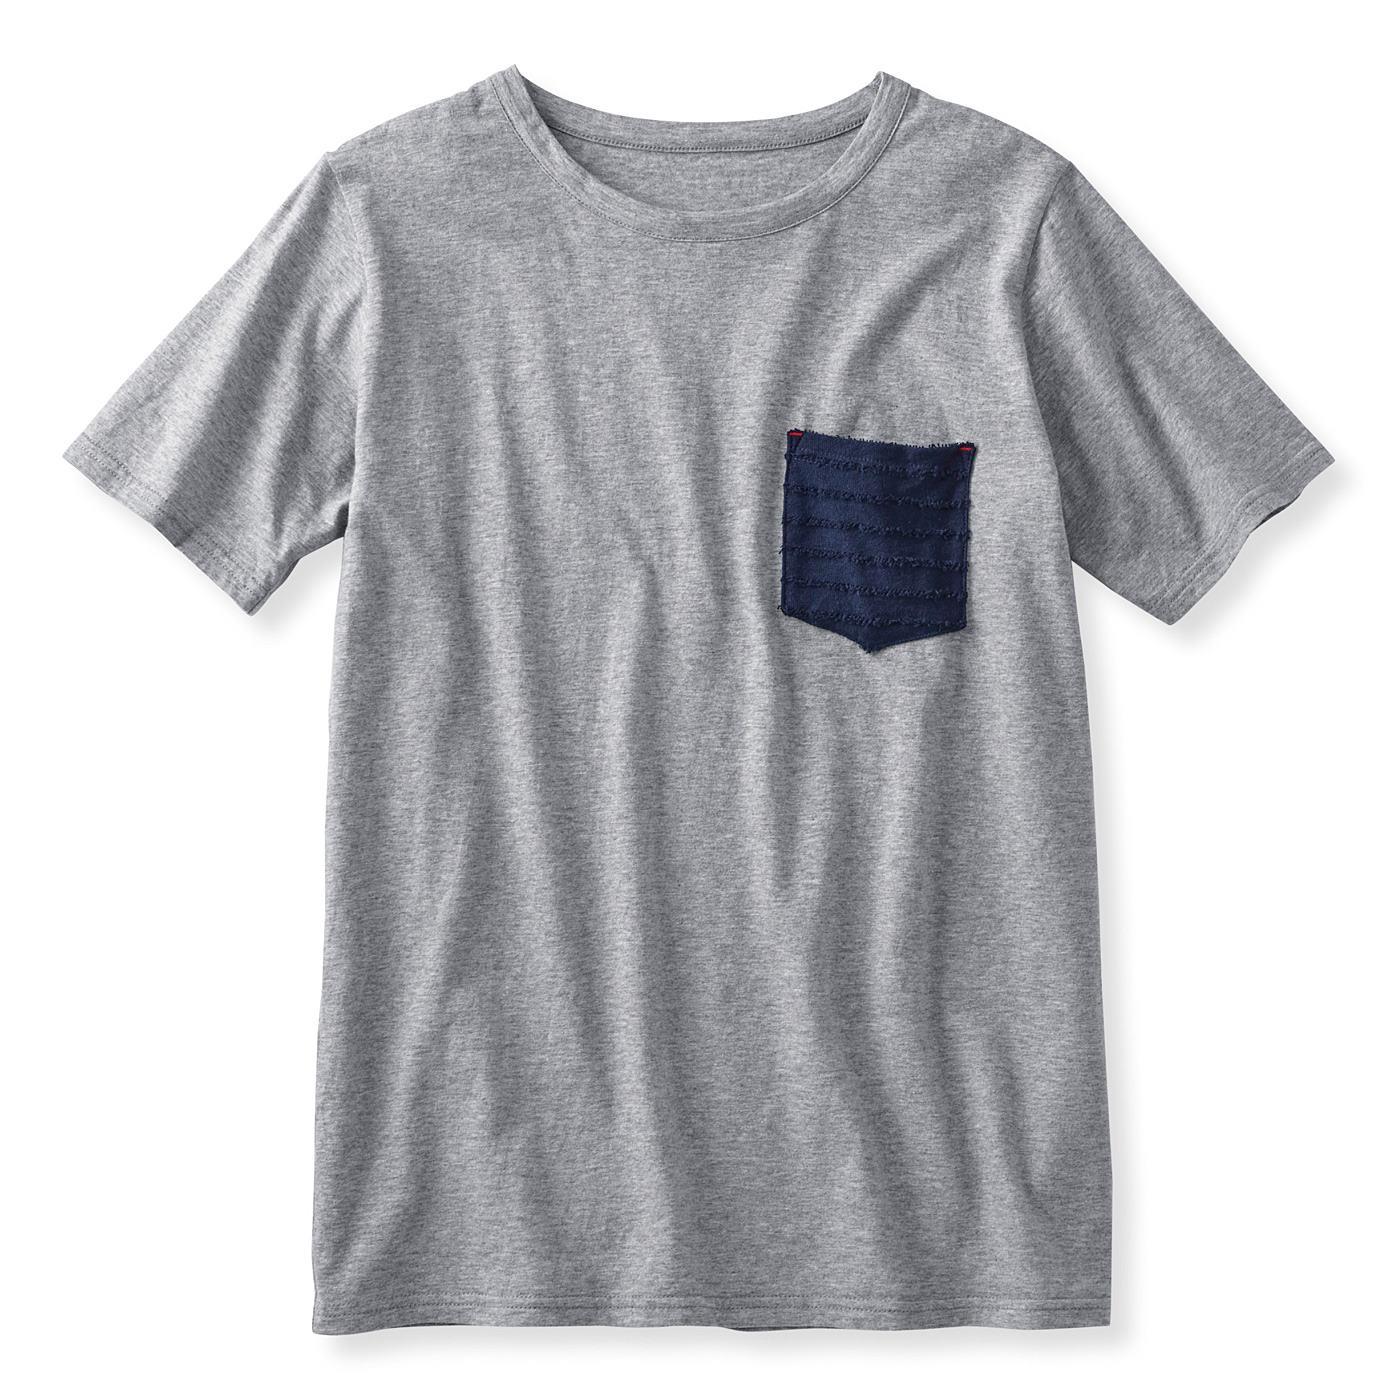 吸水速乾素材がうれしい ポケット付きトップス〈メンズ〉 (グレイ杢(もく))